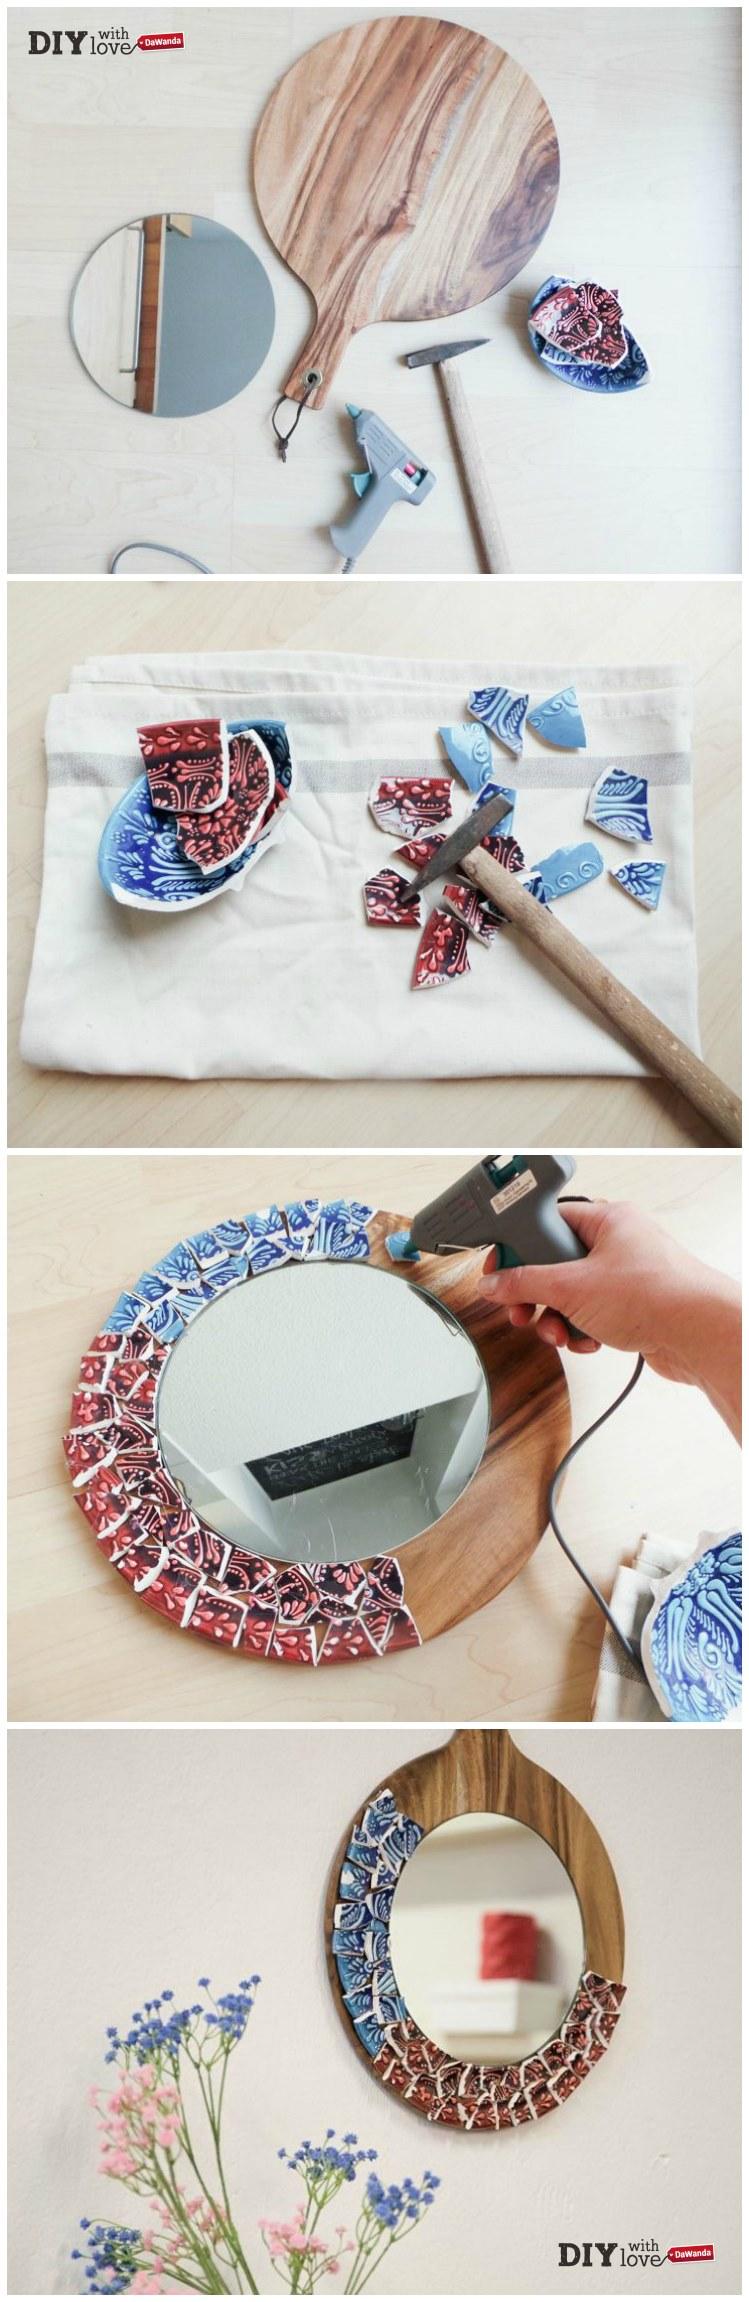 Mosaico Come Si Realizza tutorial fai da te: realizzare uno specchio con mosaico in